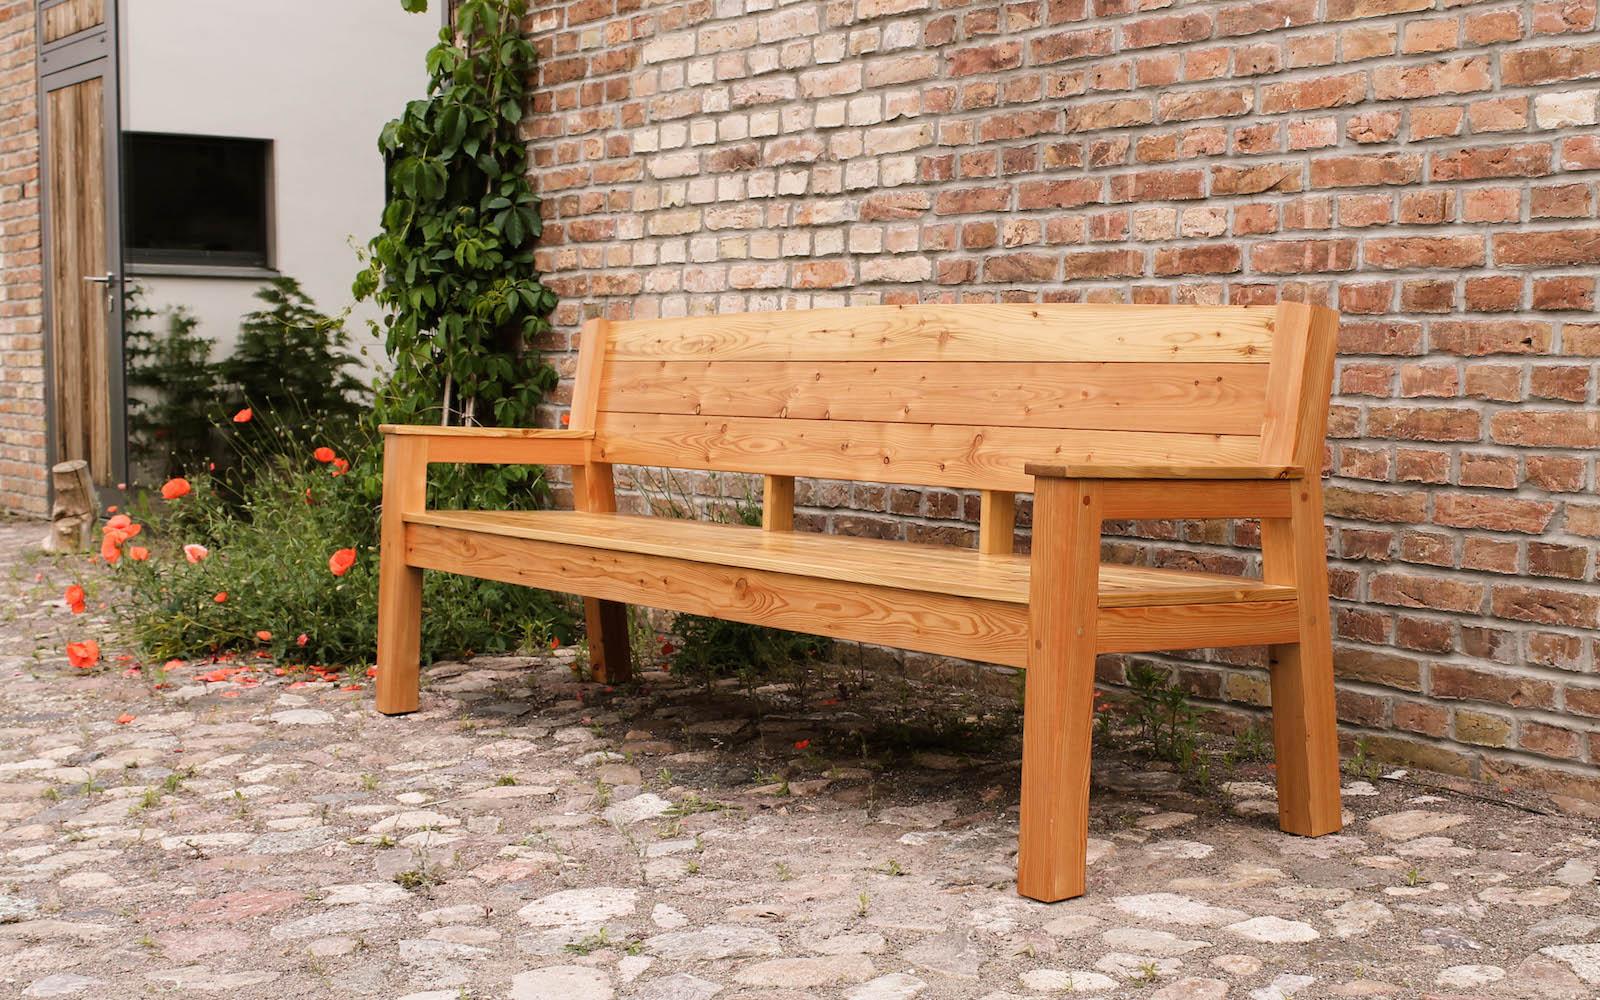 Holzbank Garten h a u s b a n k sitzbank parkbank gartenbank aus